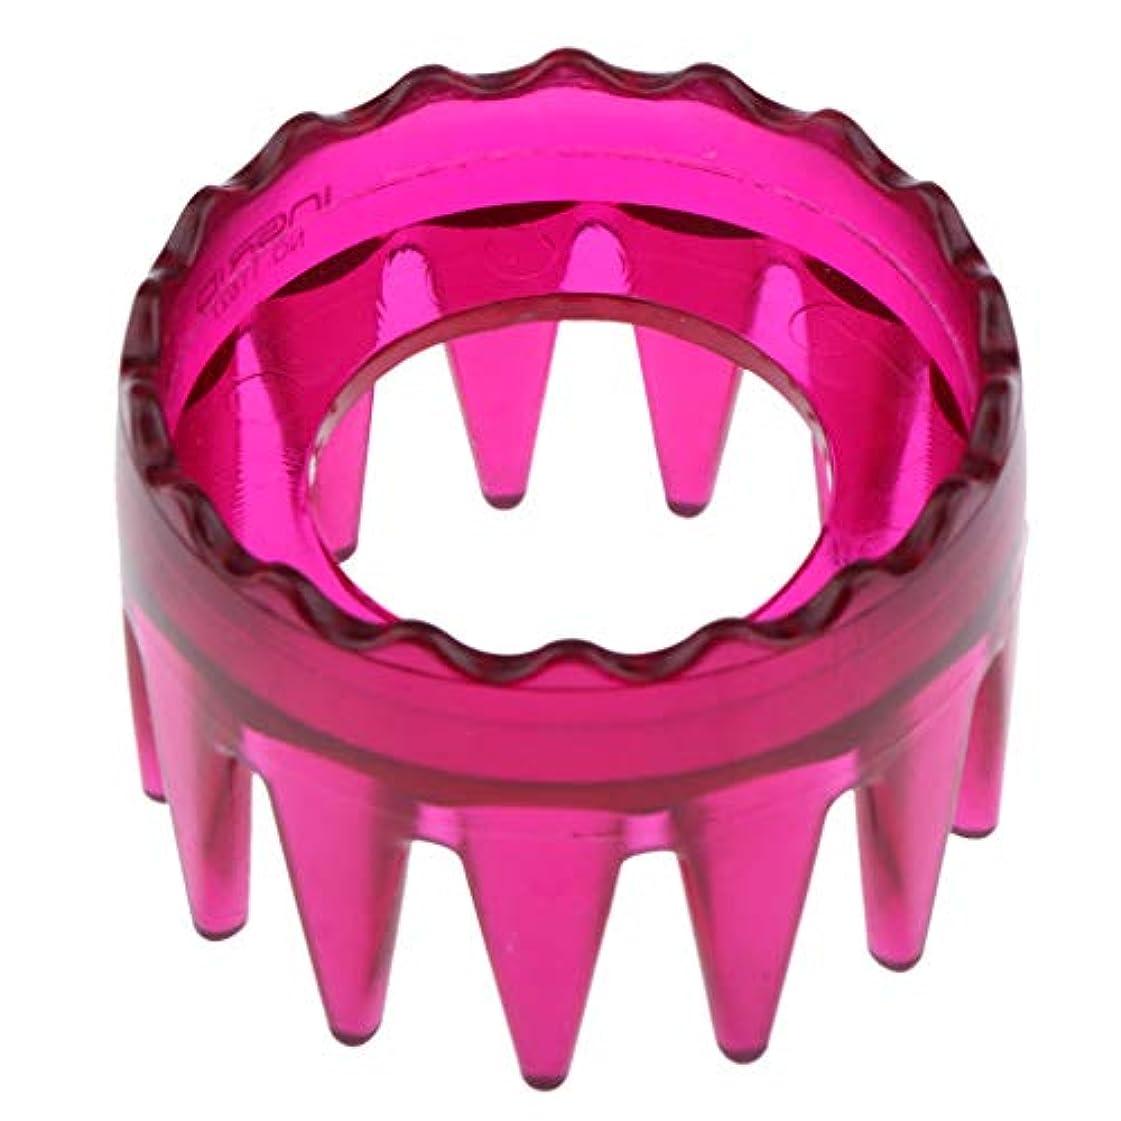 統計的キュービック断線シャンプーブラシ 洗髪櫛 マッサージャー ヘアコーム ヘアブラシ プラスチック製 全4色 - ローズレッド